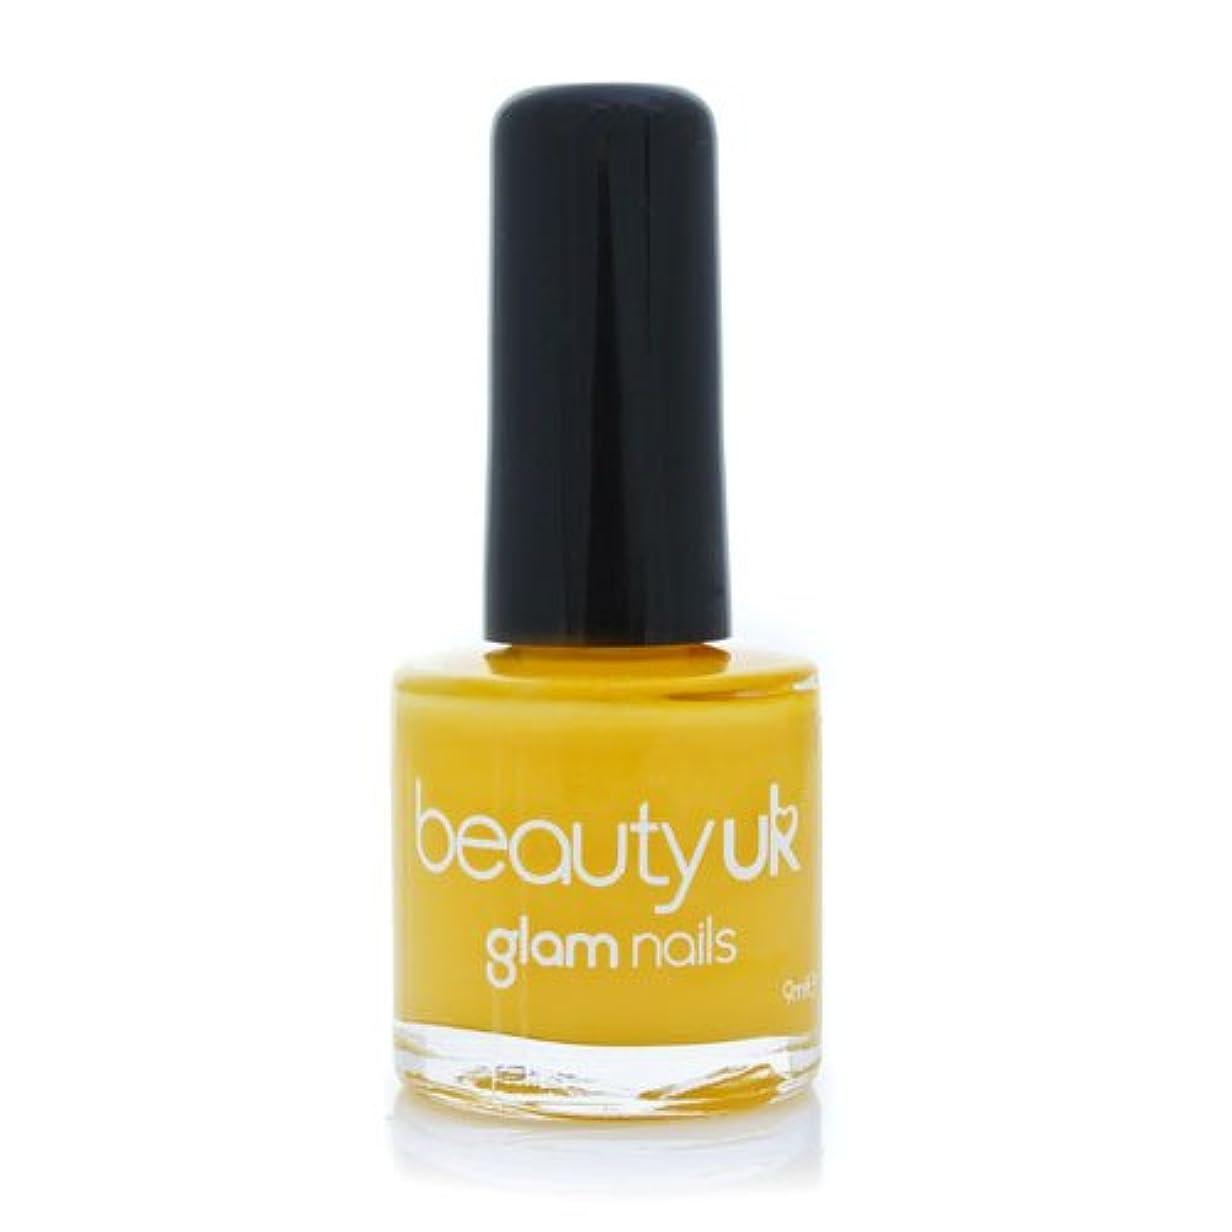 降臨面積テレマコスBeauty Uk Glam Nails No36 Yellow Peril 9ml [並行輸入品]